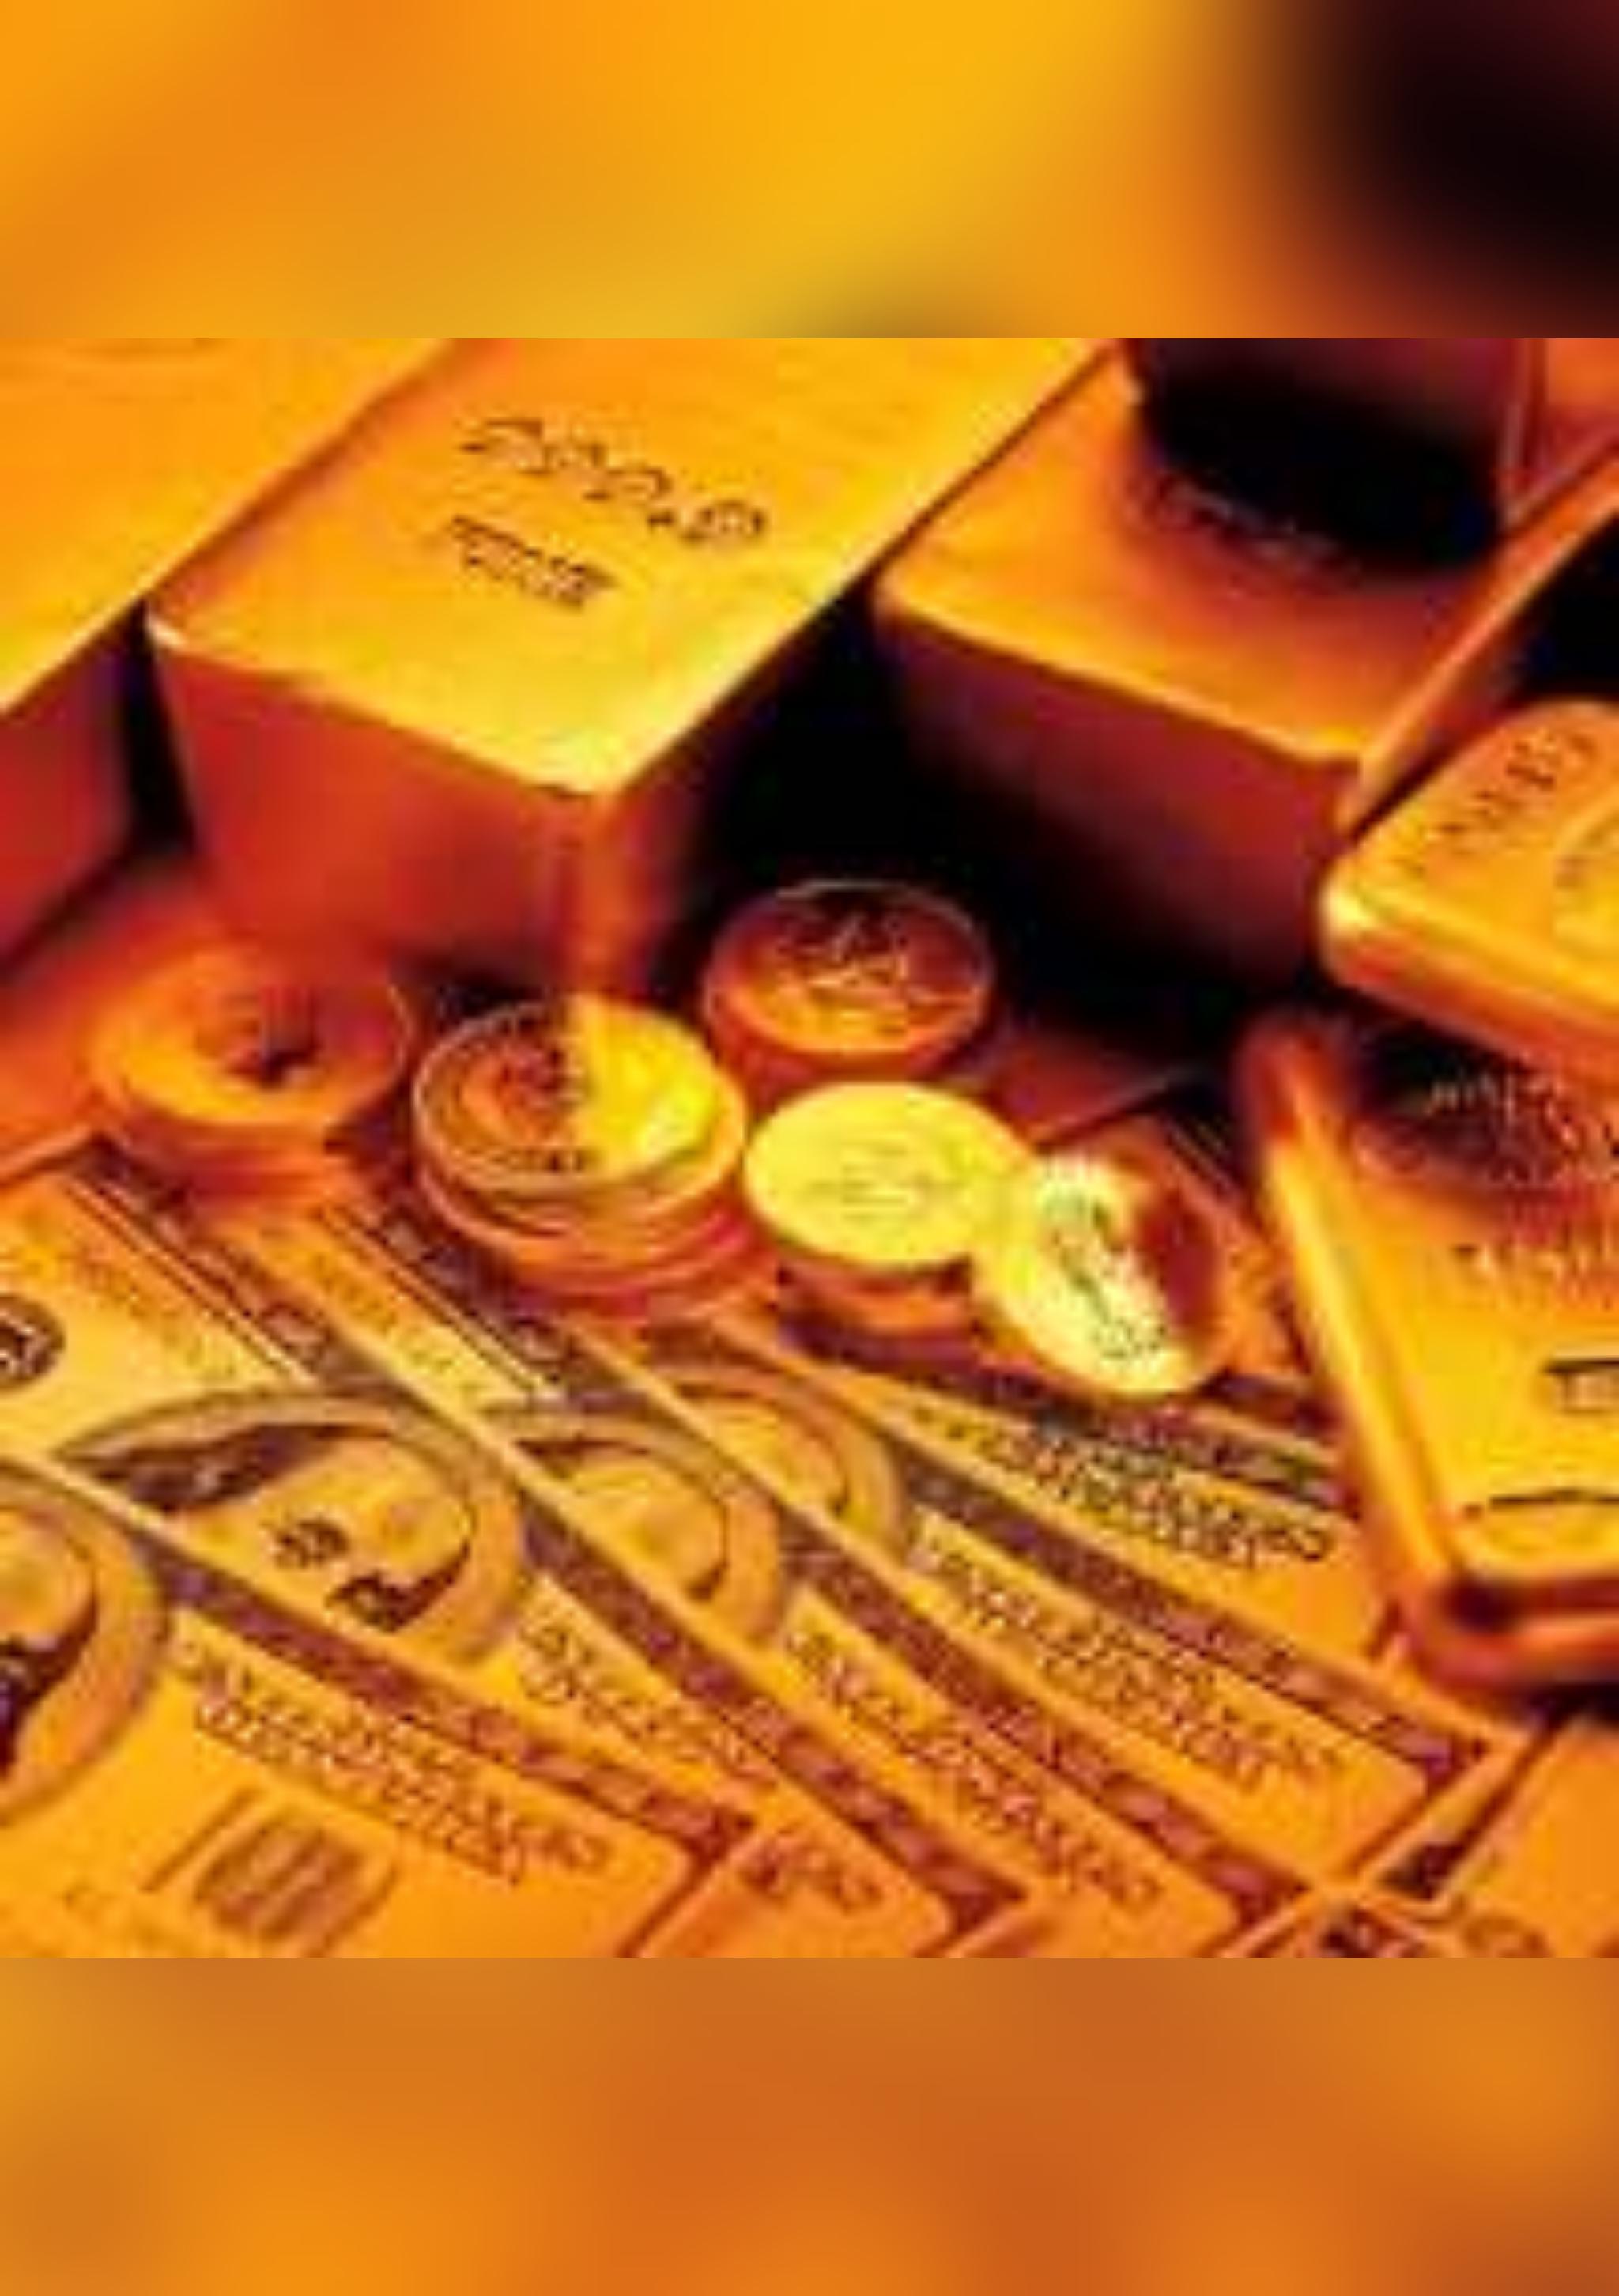 کانال تلگرام قیمت لحظه ای ارز ، دلار ، سکه و طلا